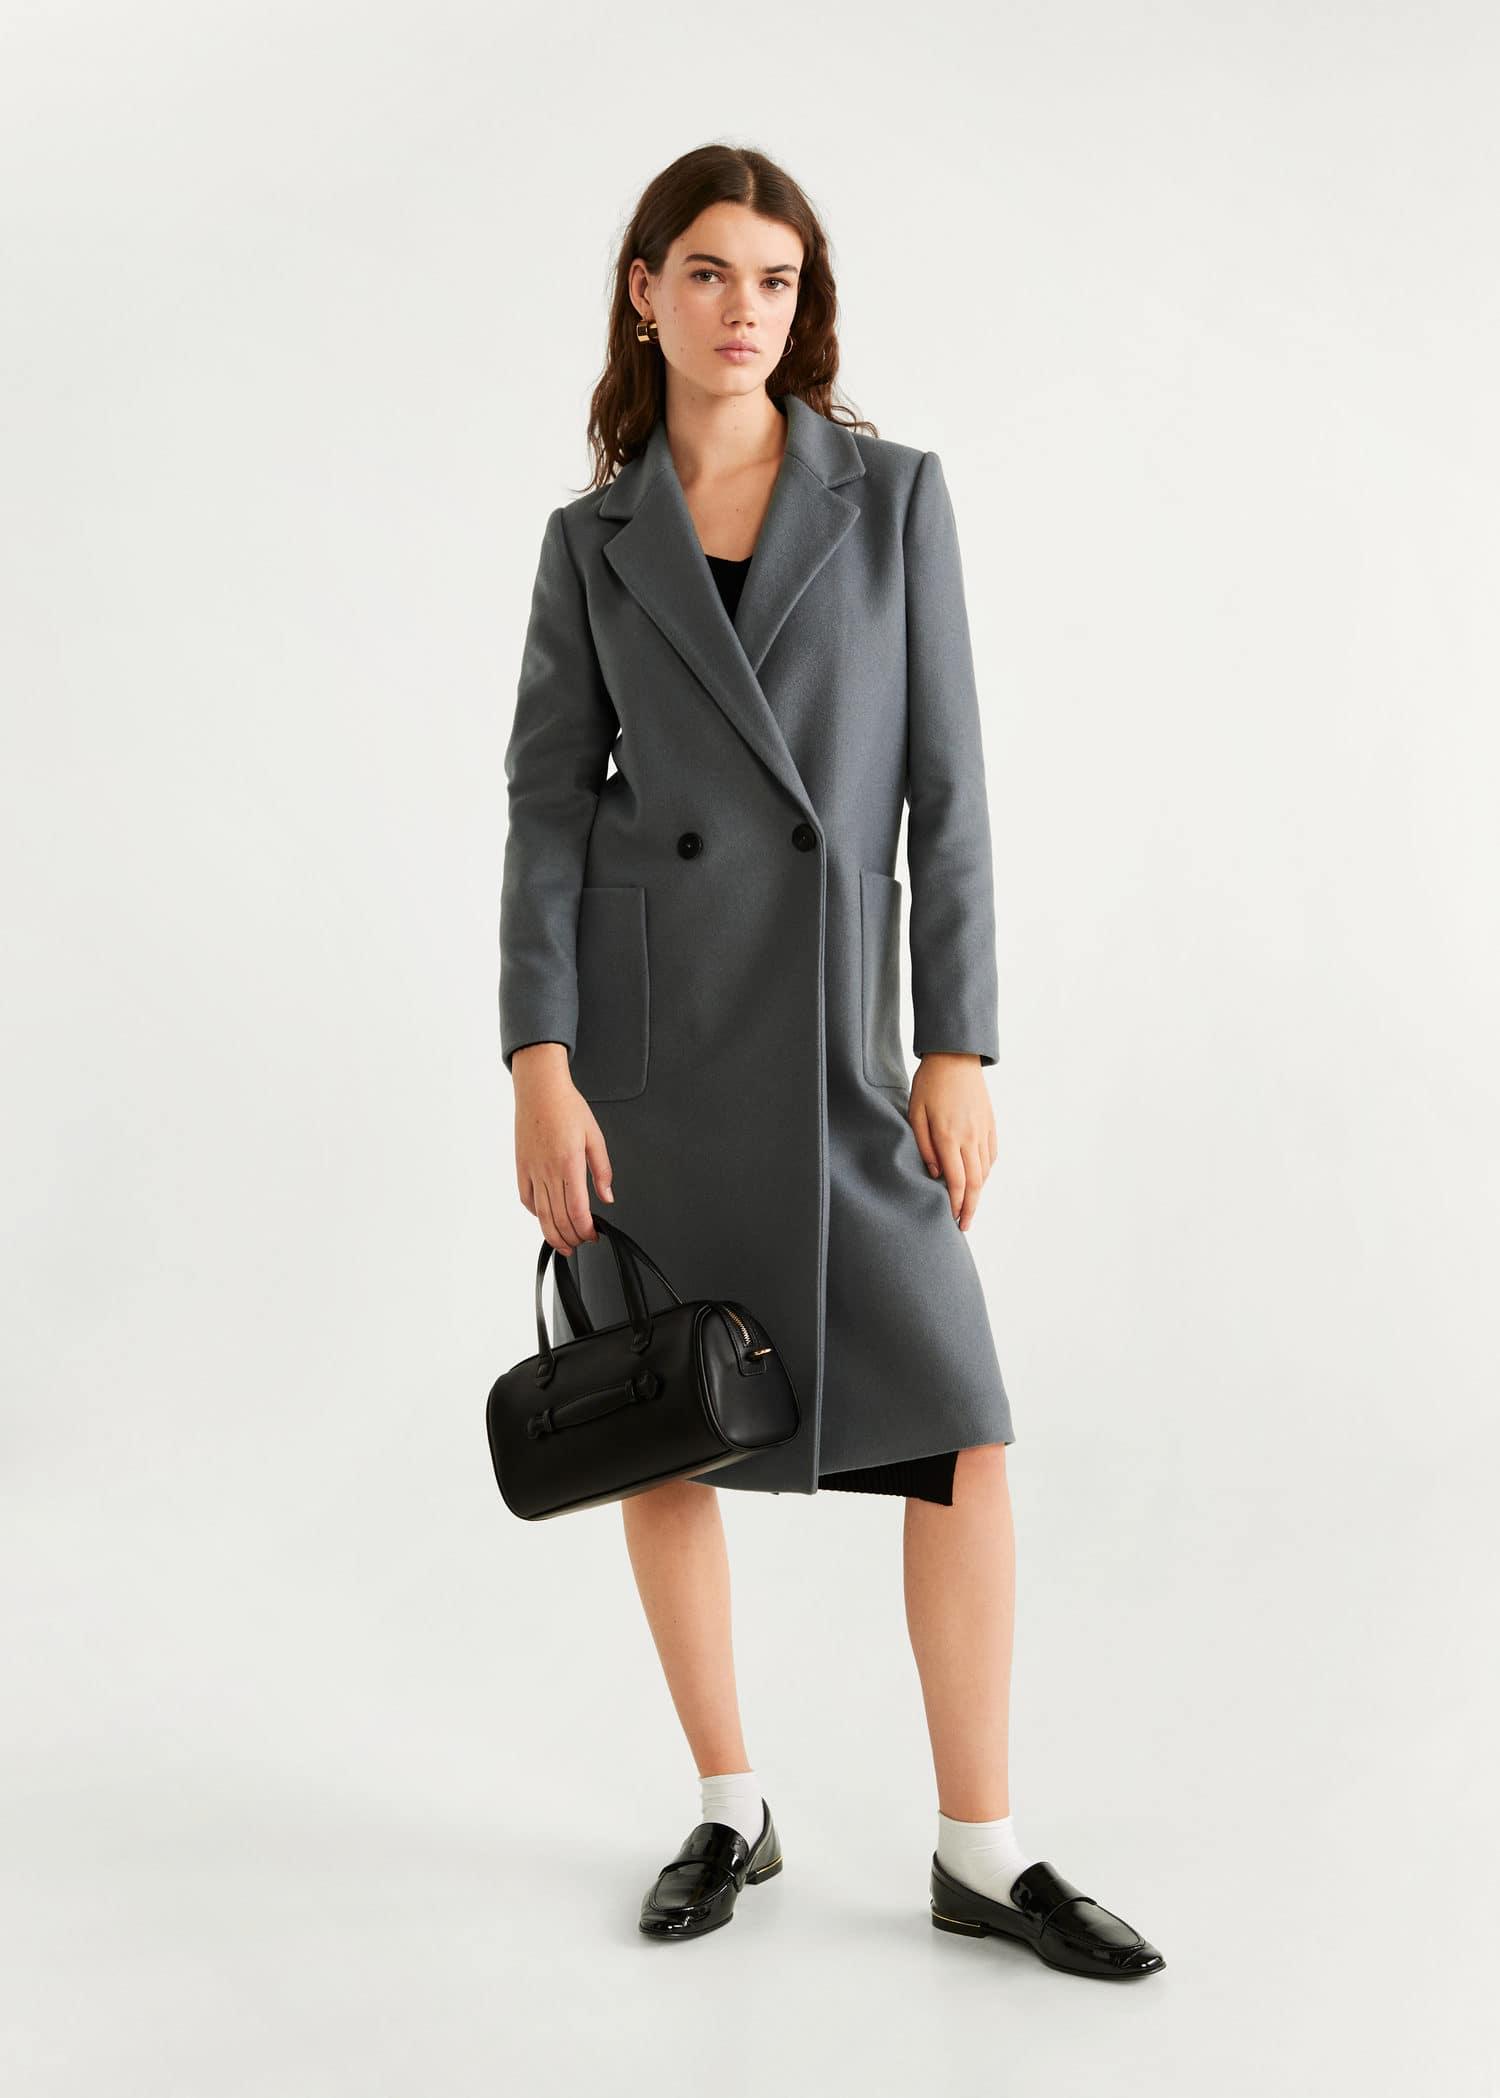 Veste cuir femme new look